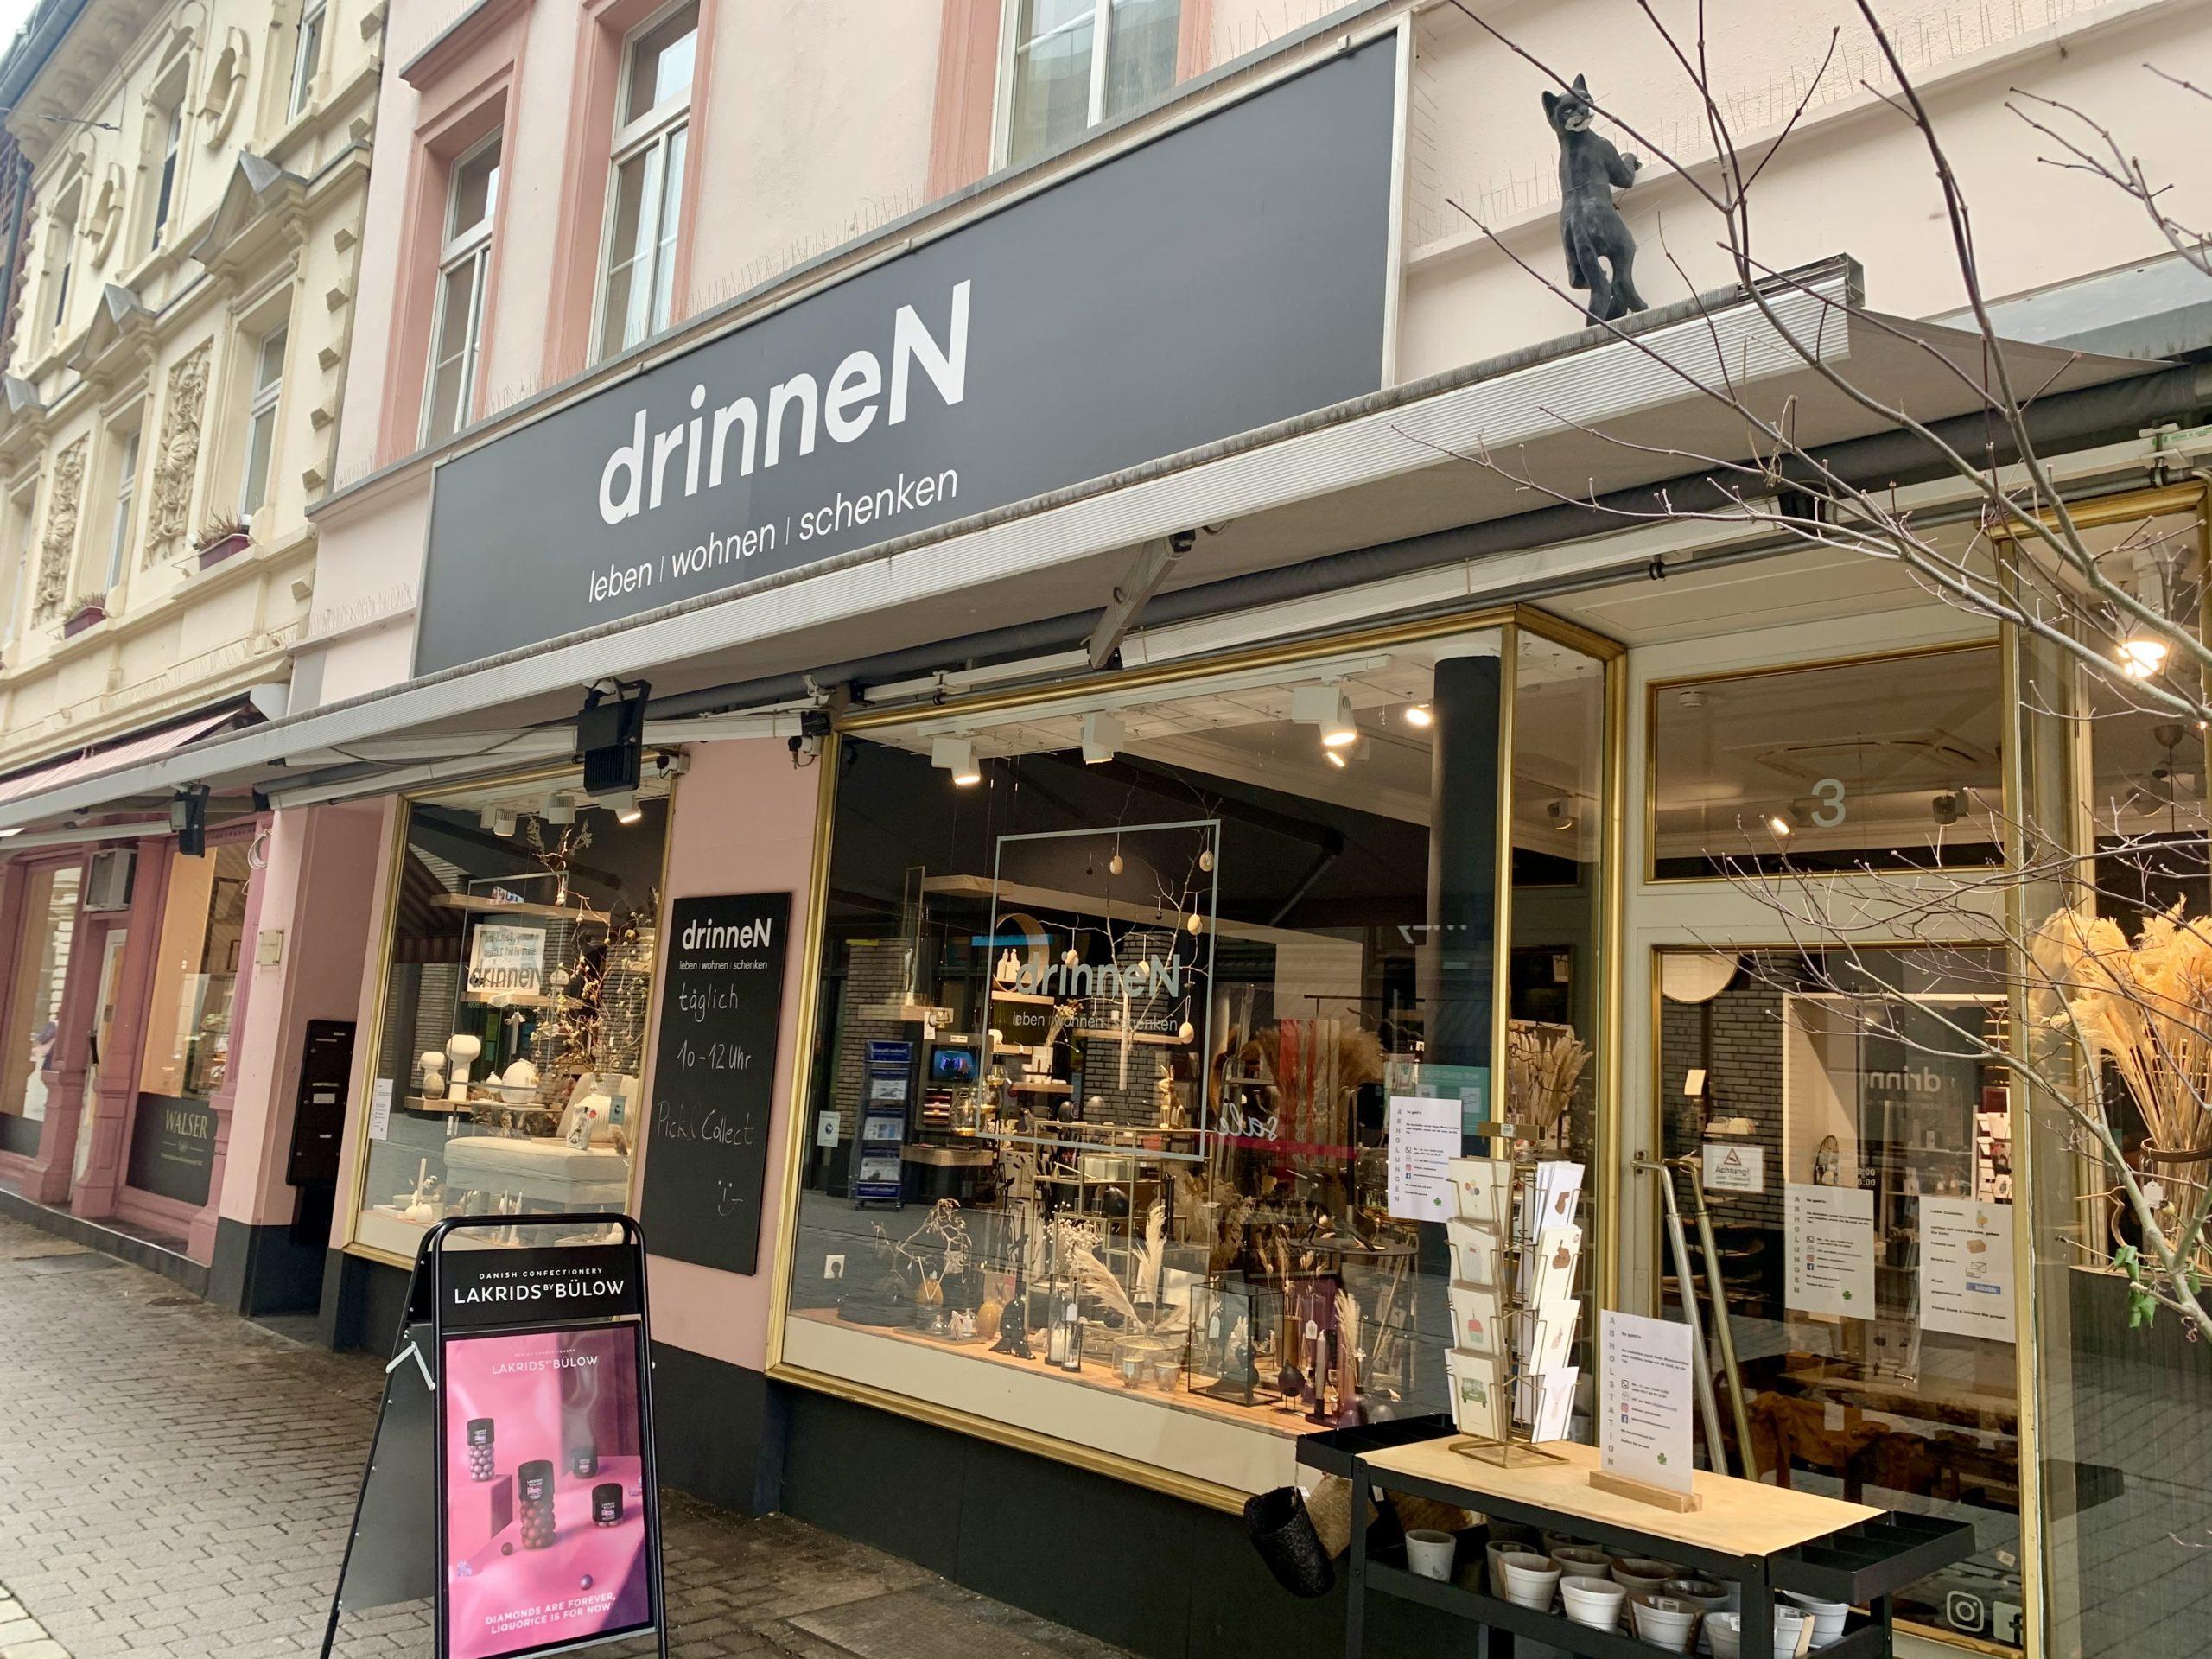 (Werbung) Mode, Deko und jede Menge Blumen: Meine Lieblingsläden in Wiesbaden